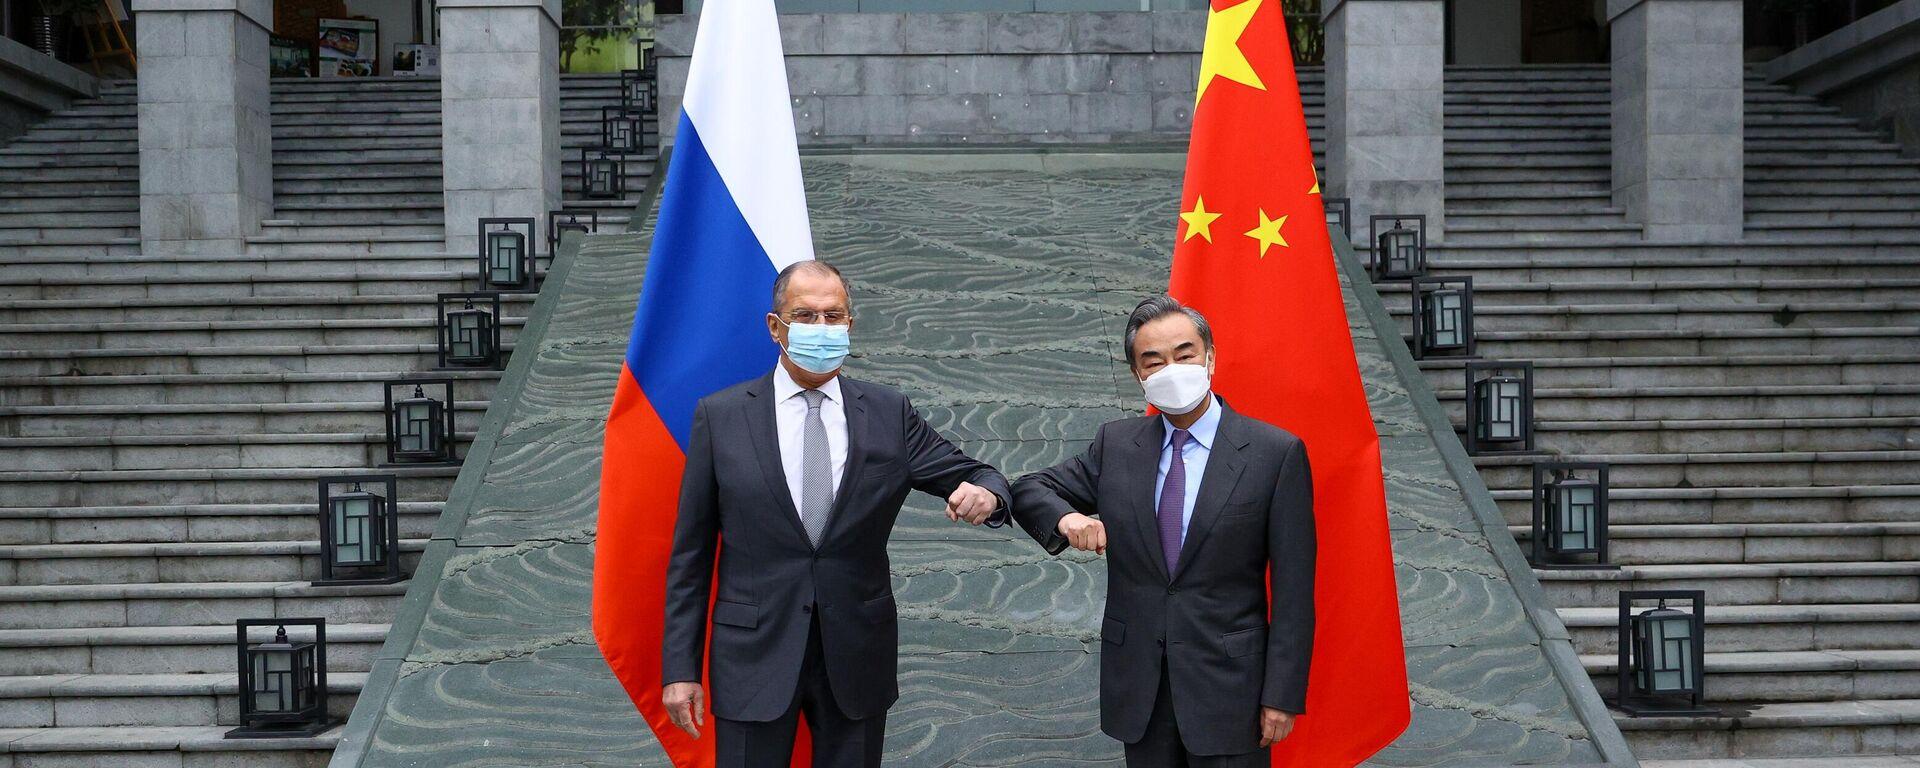 Визит главы МИД РФ С. Лаврова в Китай - Sputnik Узбекистан, 1920, 23.03.2021